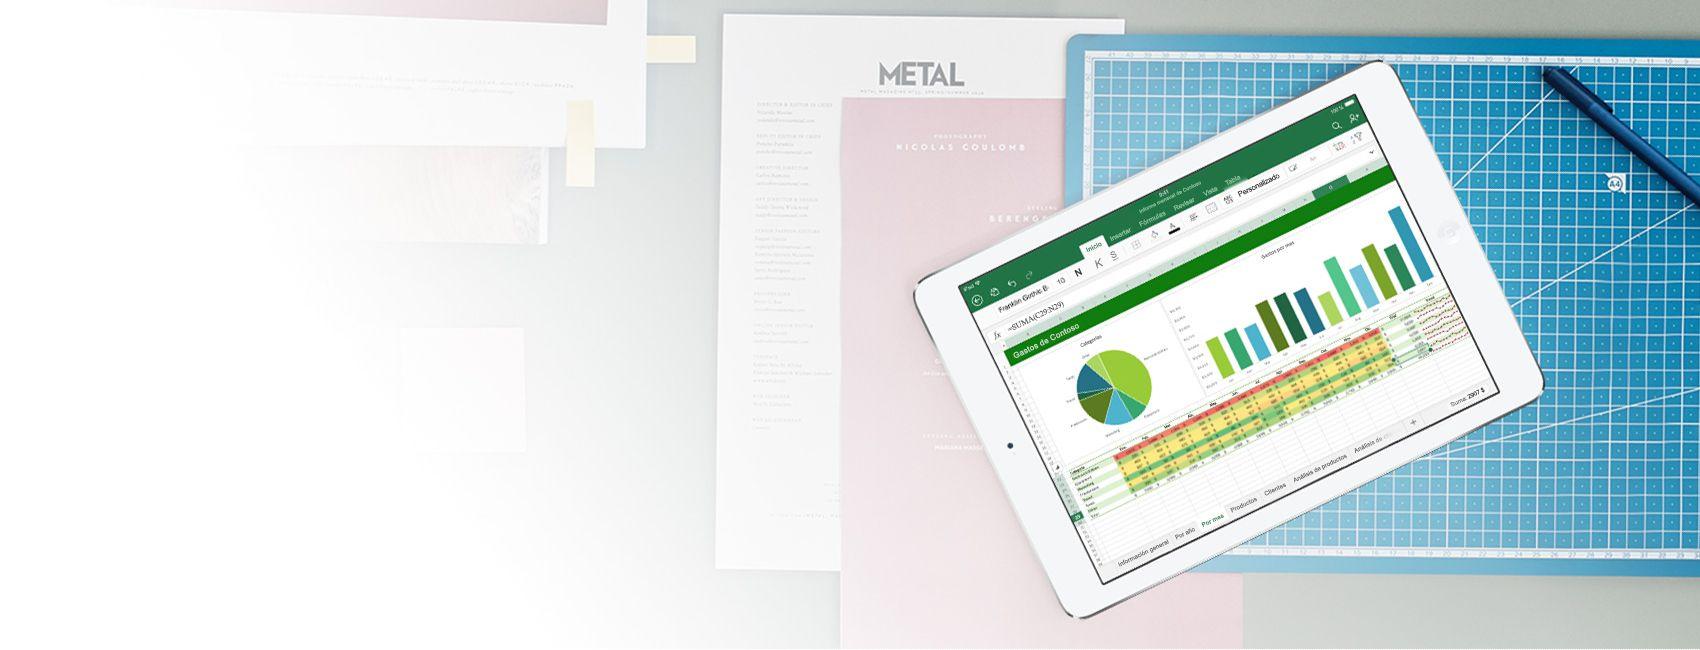 Un iPad en el que se muestra una hoja de cálculo y un gráfico de Excel en la aplicación de Excel para iOS